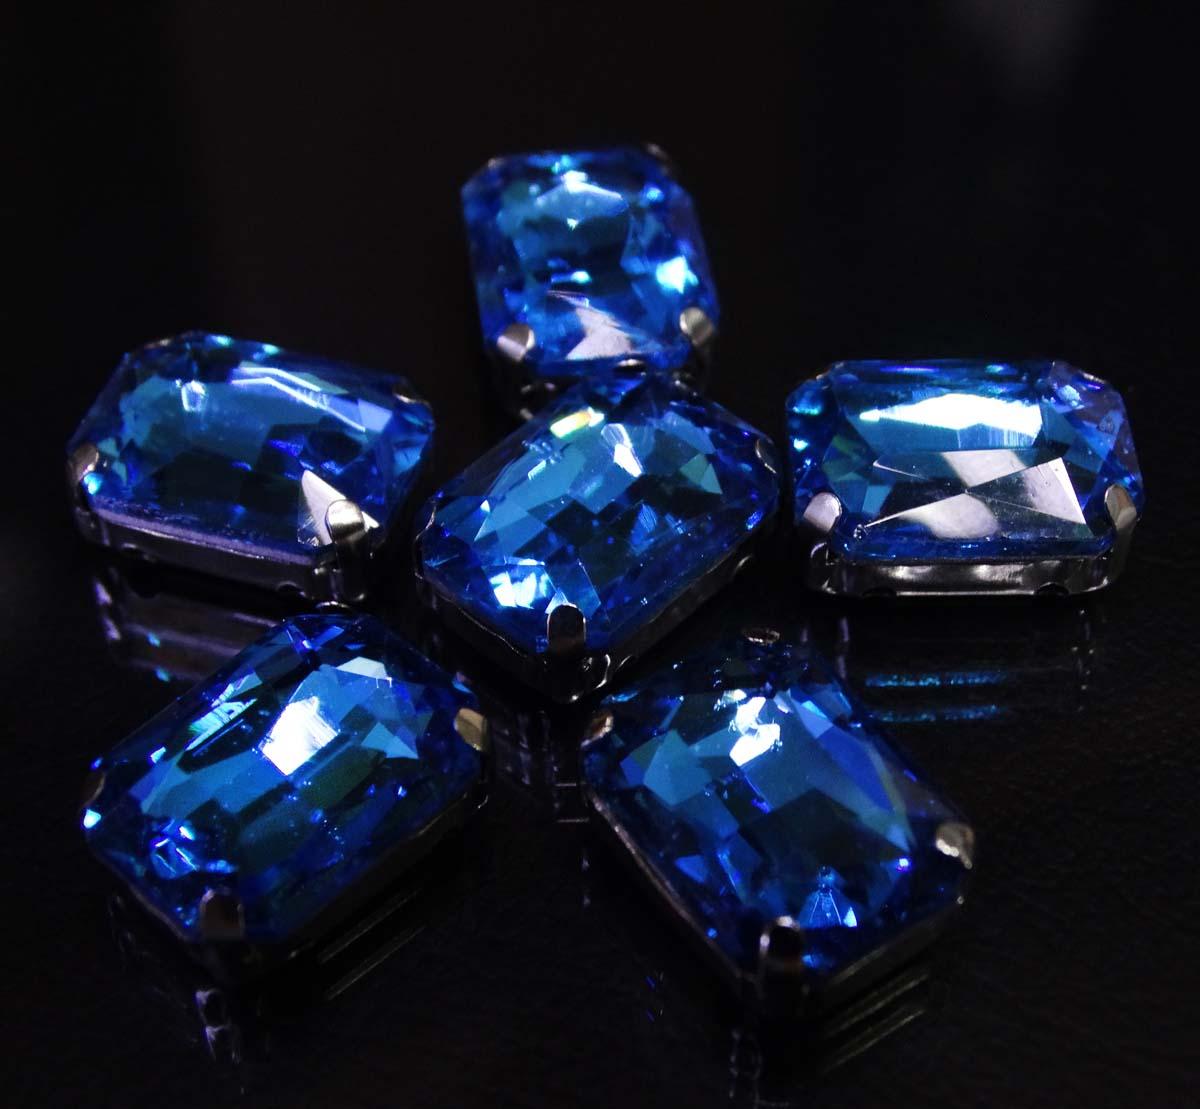 ПЦ008НН1014 Хрустальные стразы в цапах прямоугольные (серебро) ярко-голубой 10*14мм, 5шт/упак Астра